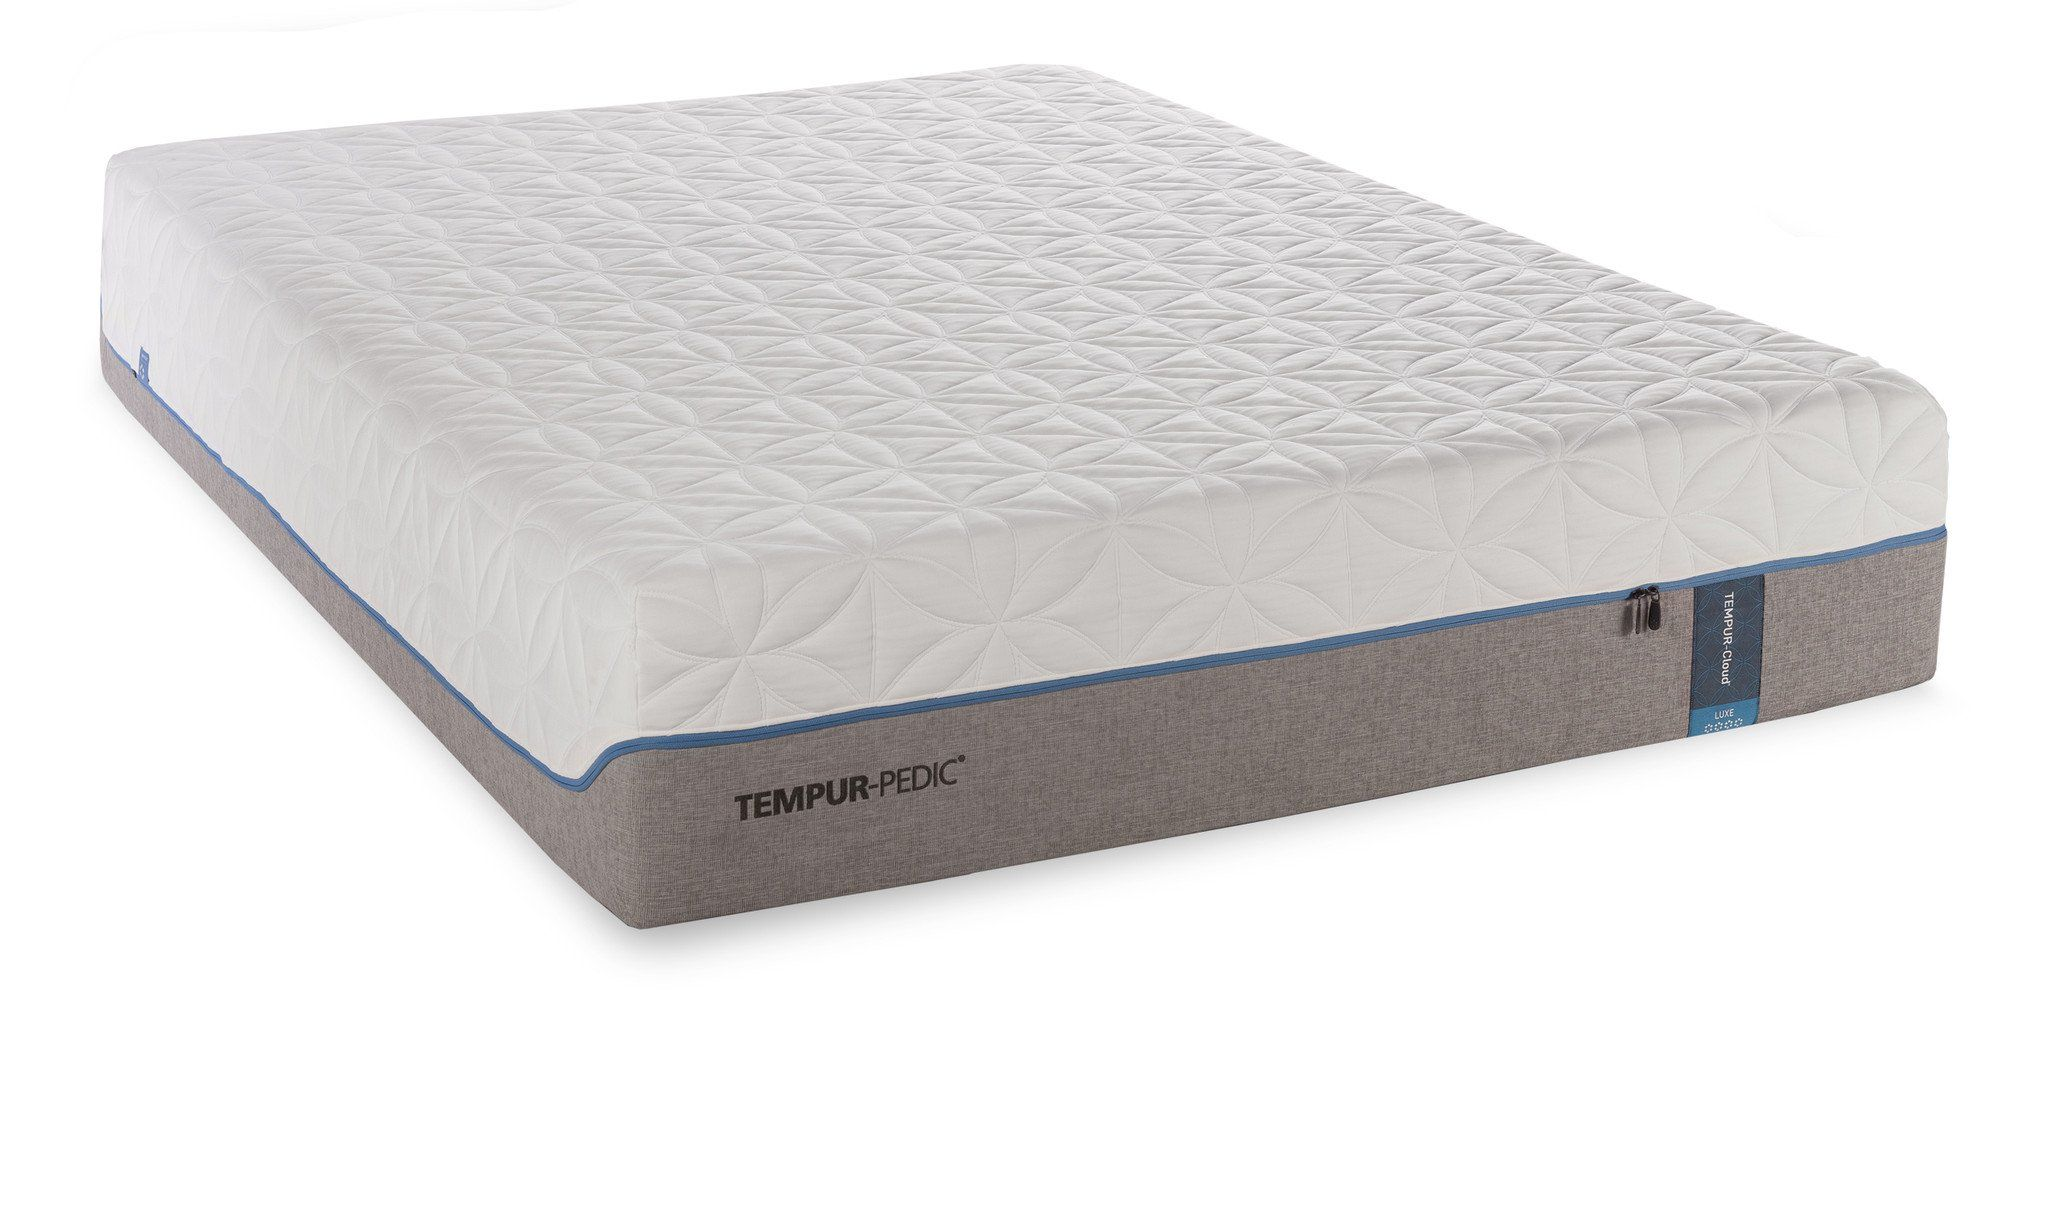 hot sale online 94d4a 81e90 Tempur Pedic Cloud Luxe | Products | Mattress, Queen ...